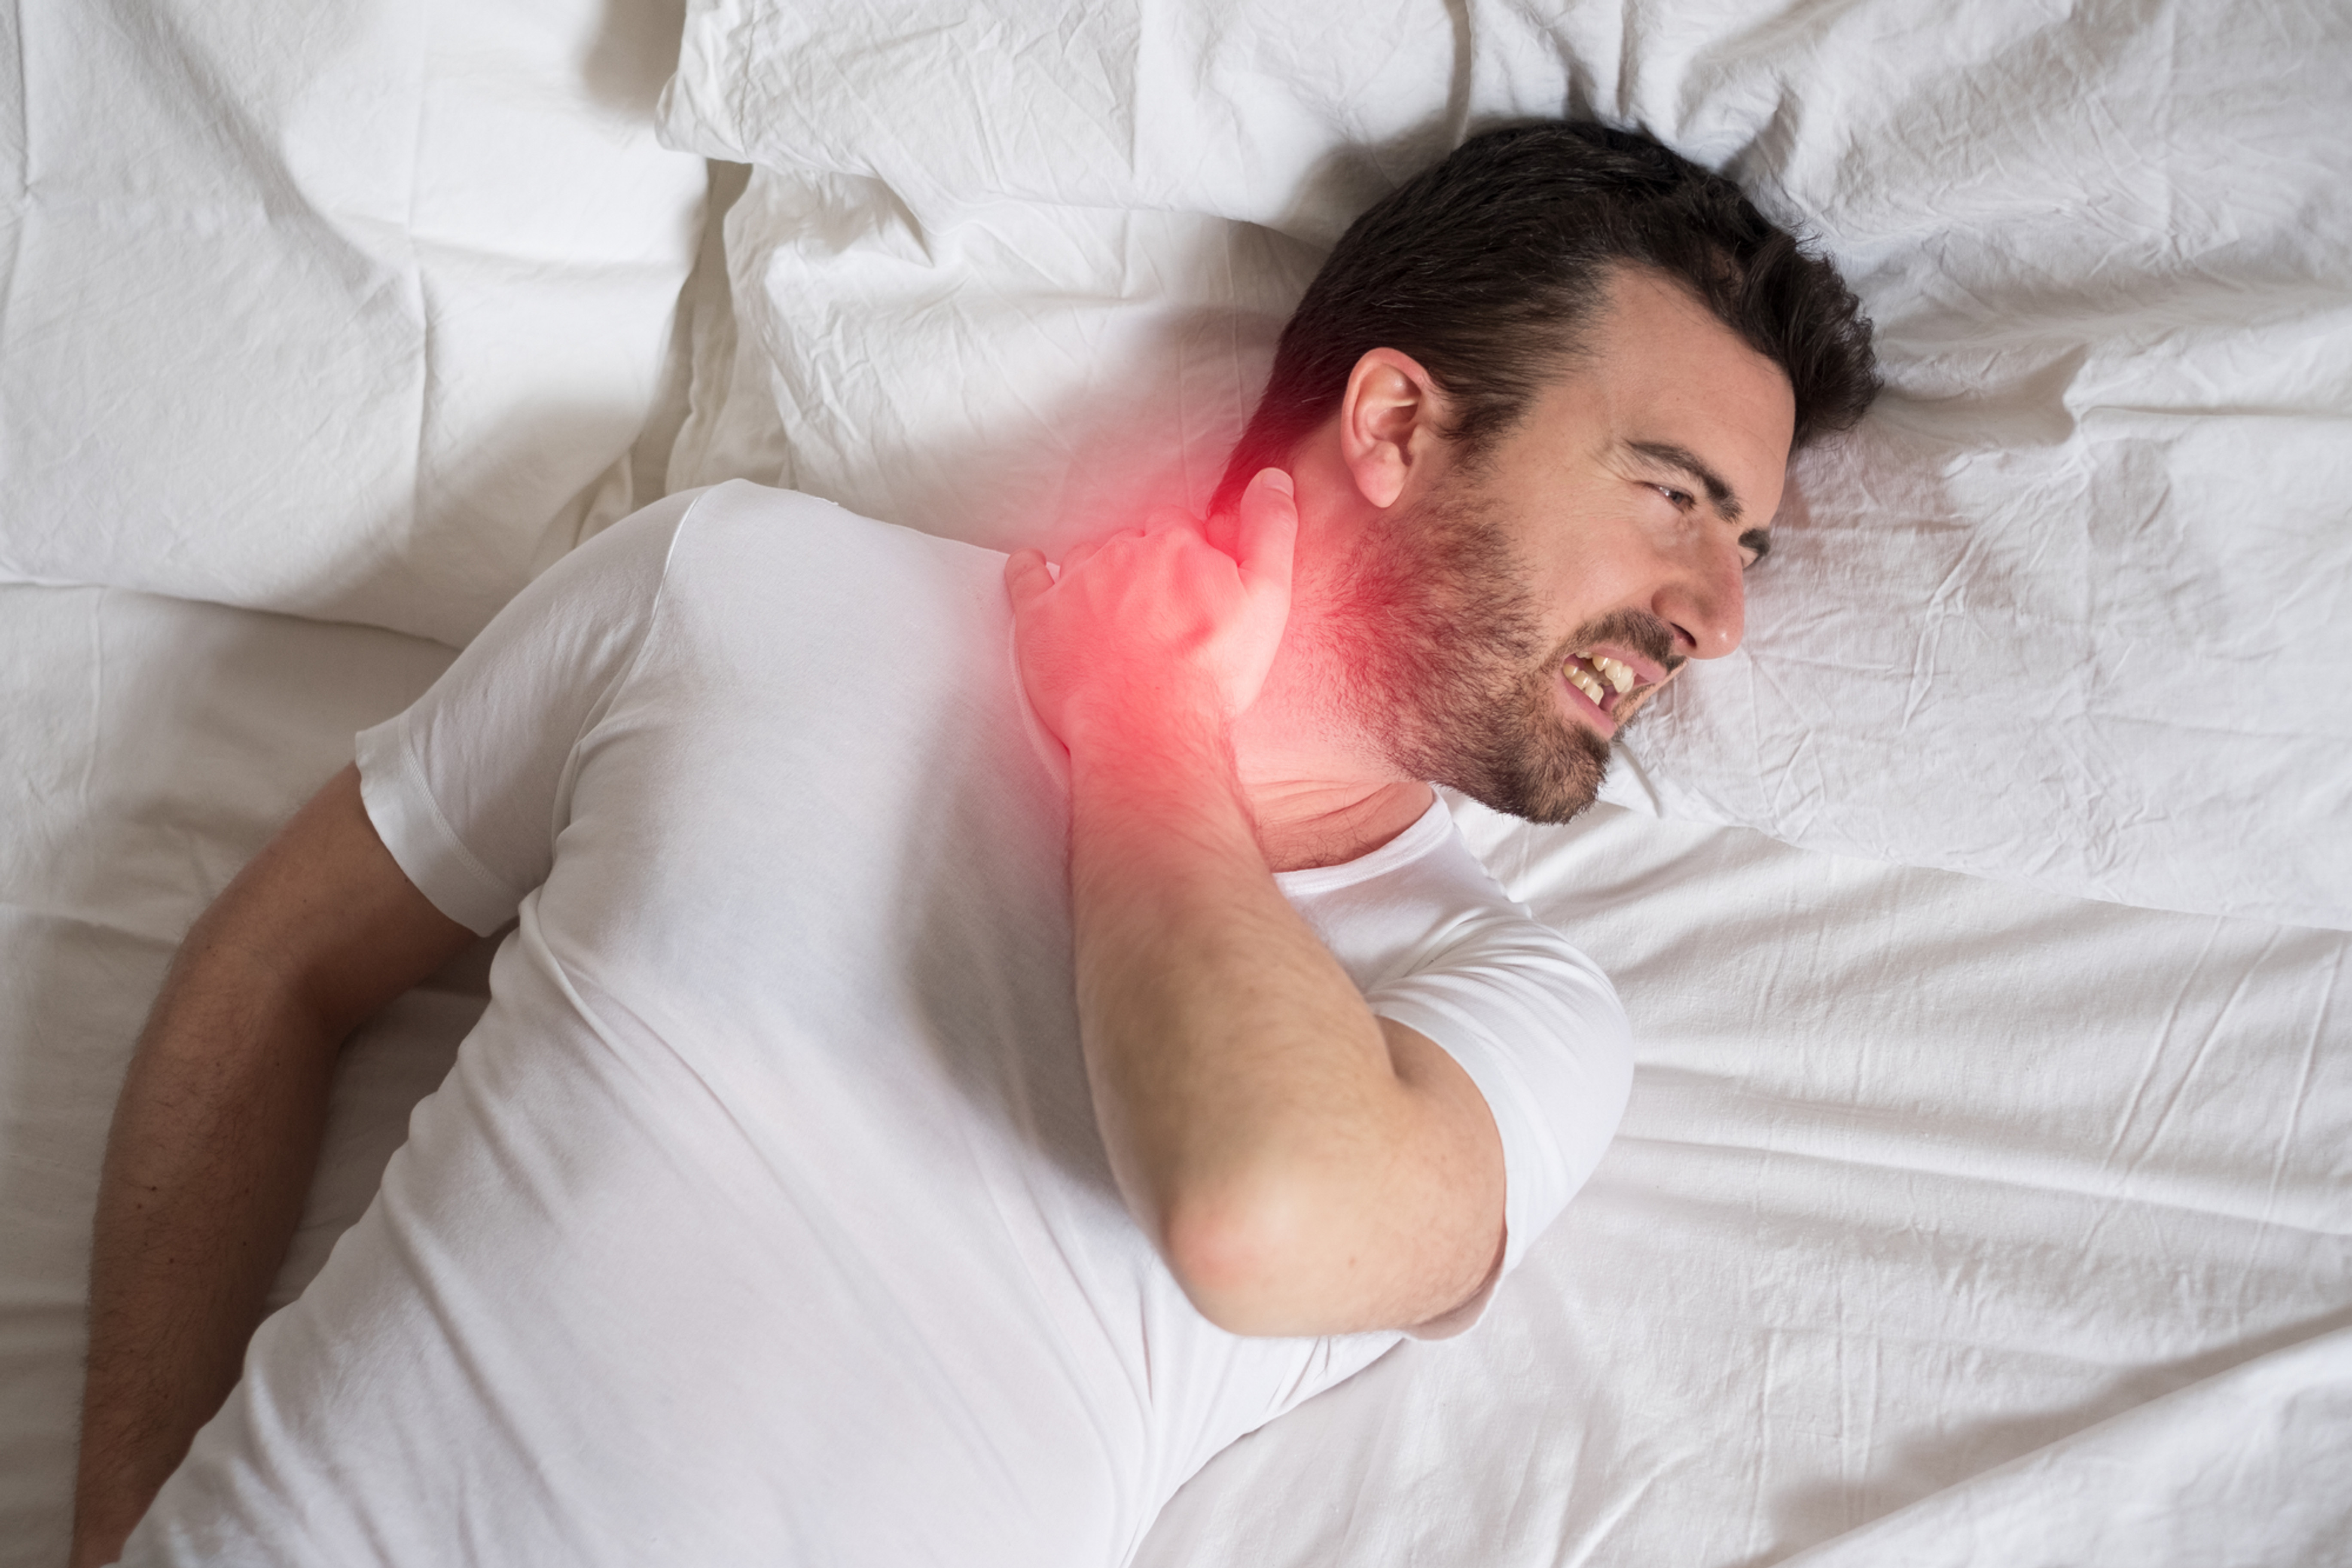 Ergonomics of Sleep